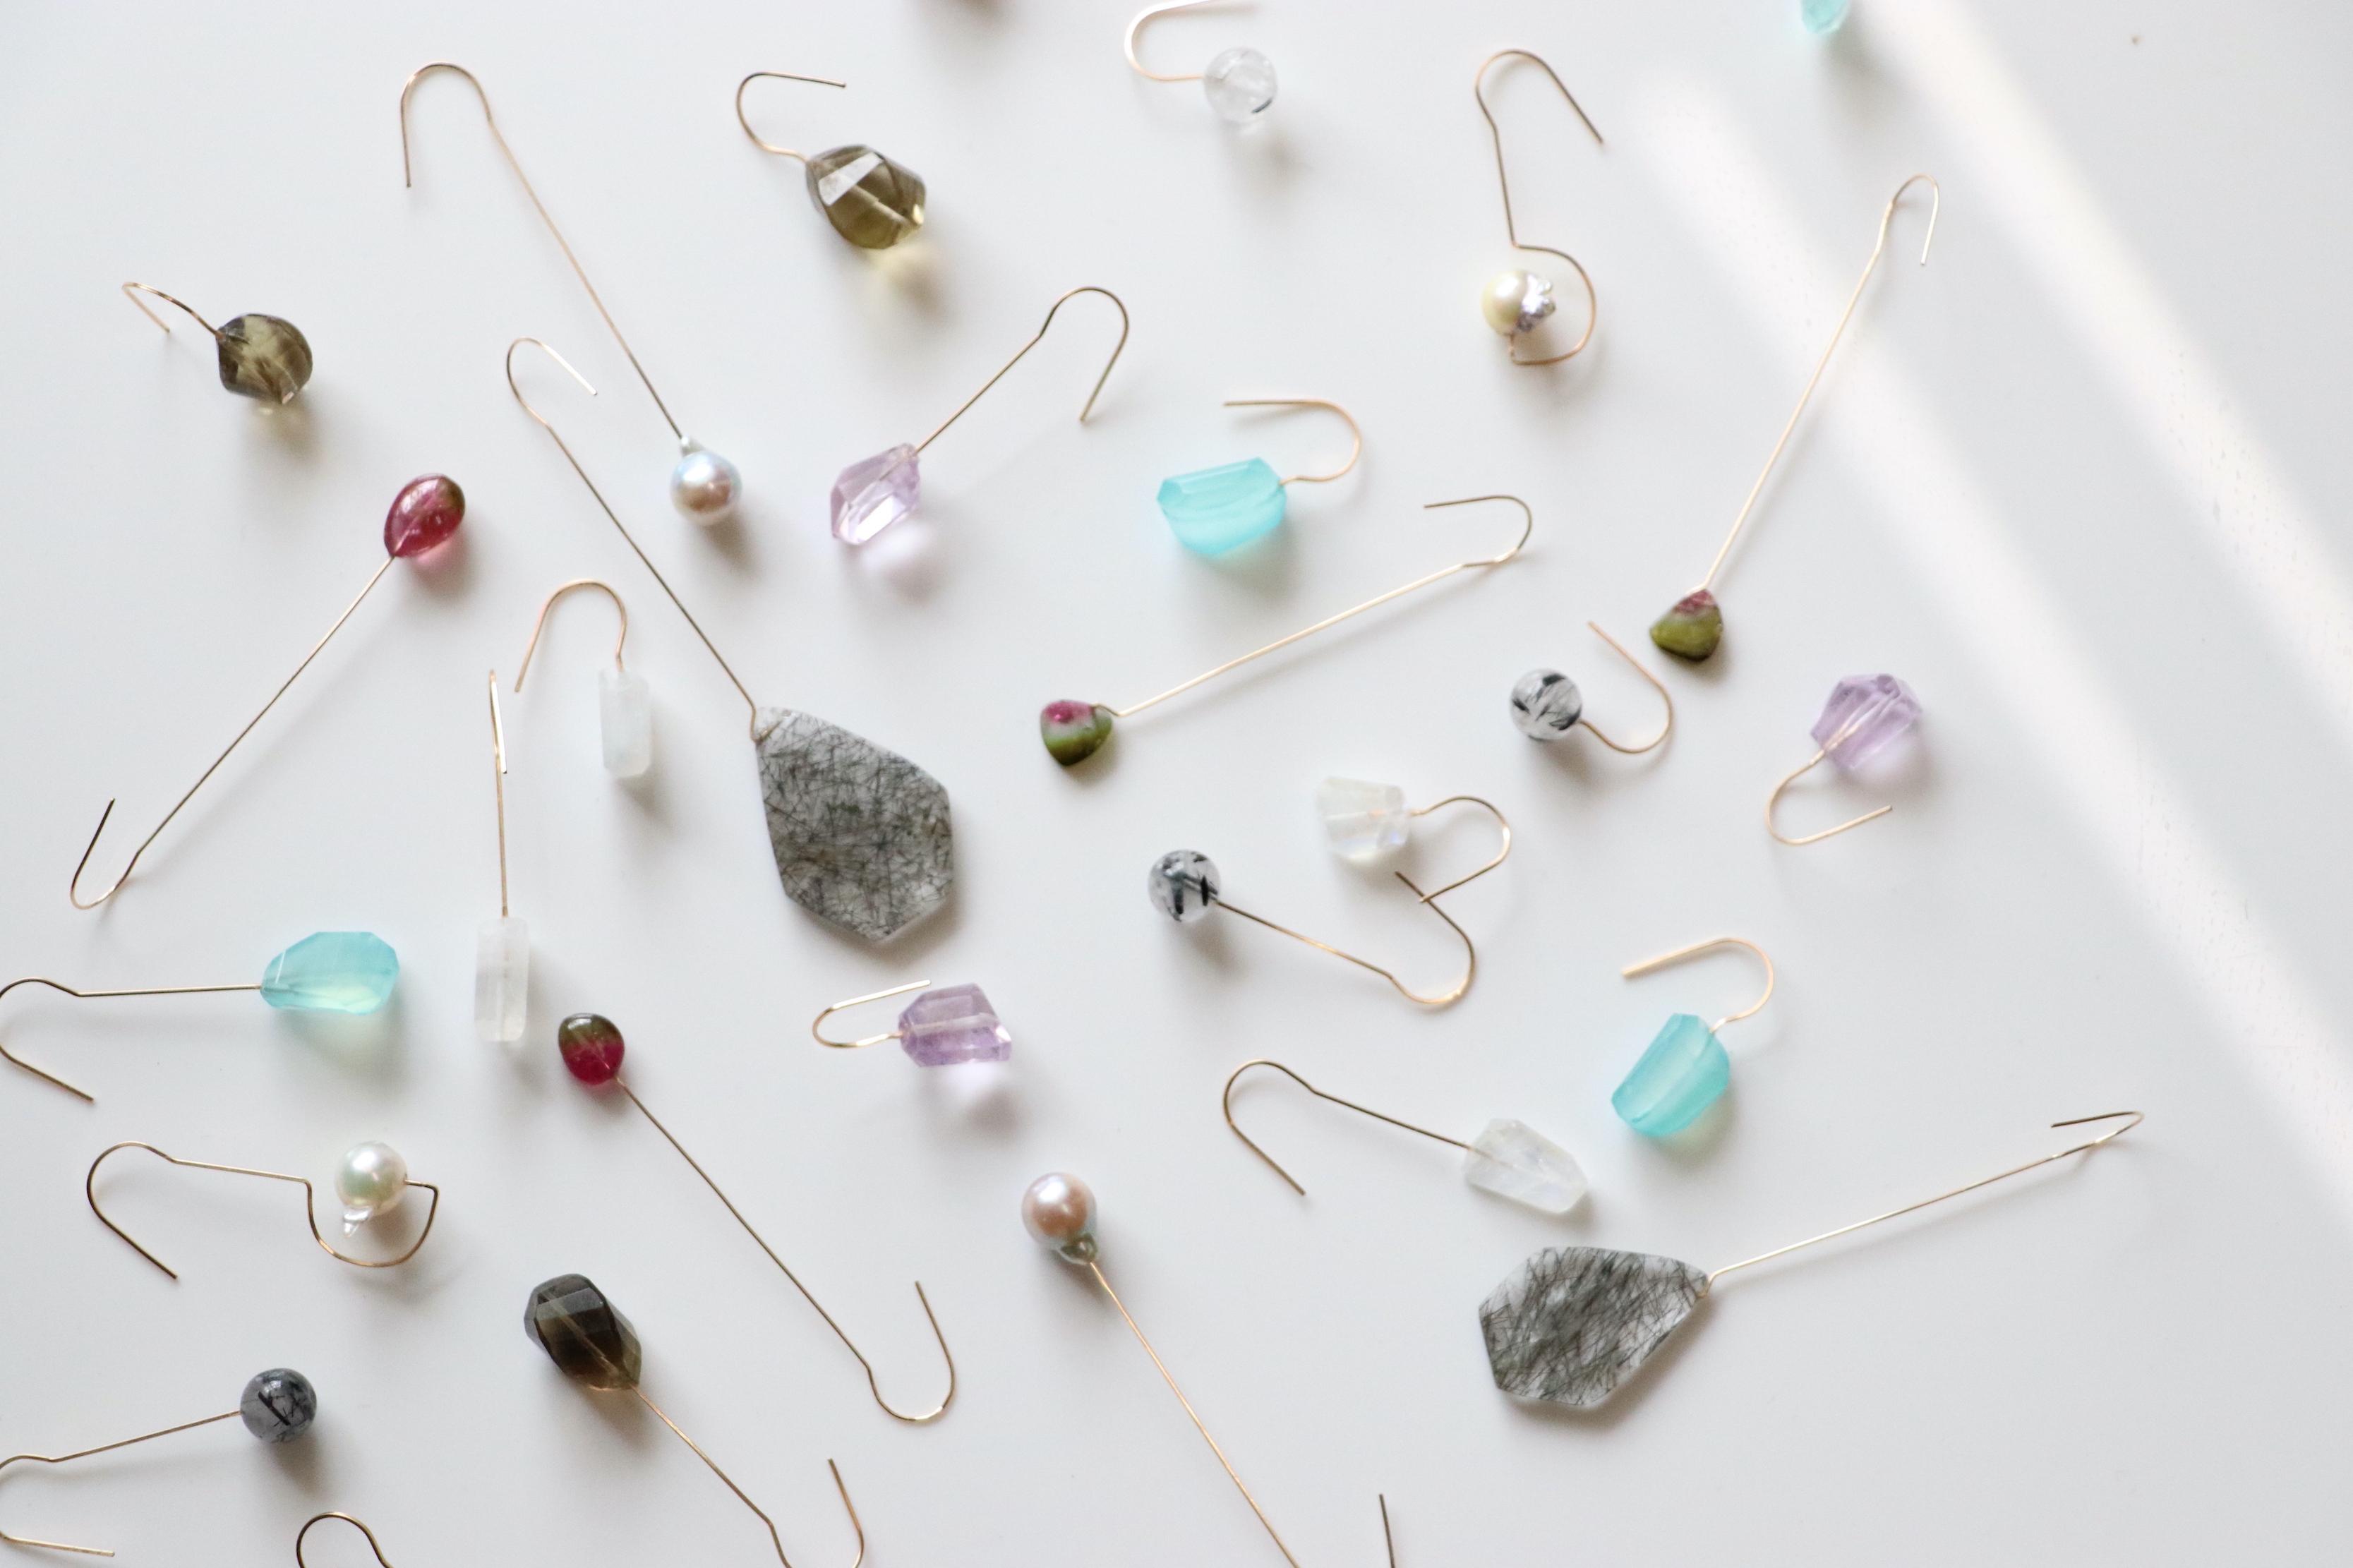 12155【年度テーマ】Ragged jewelry